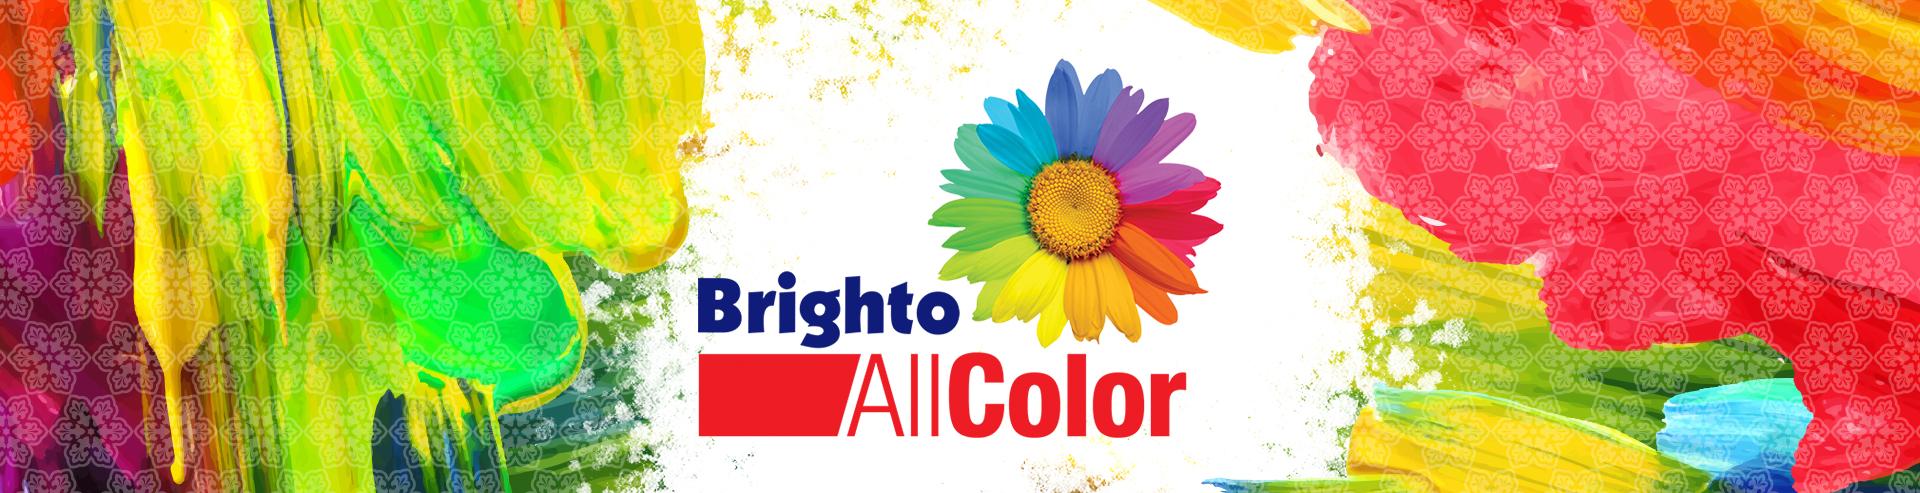 Brighto All Colors